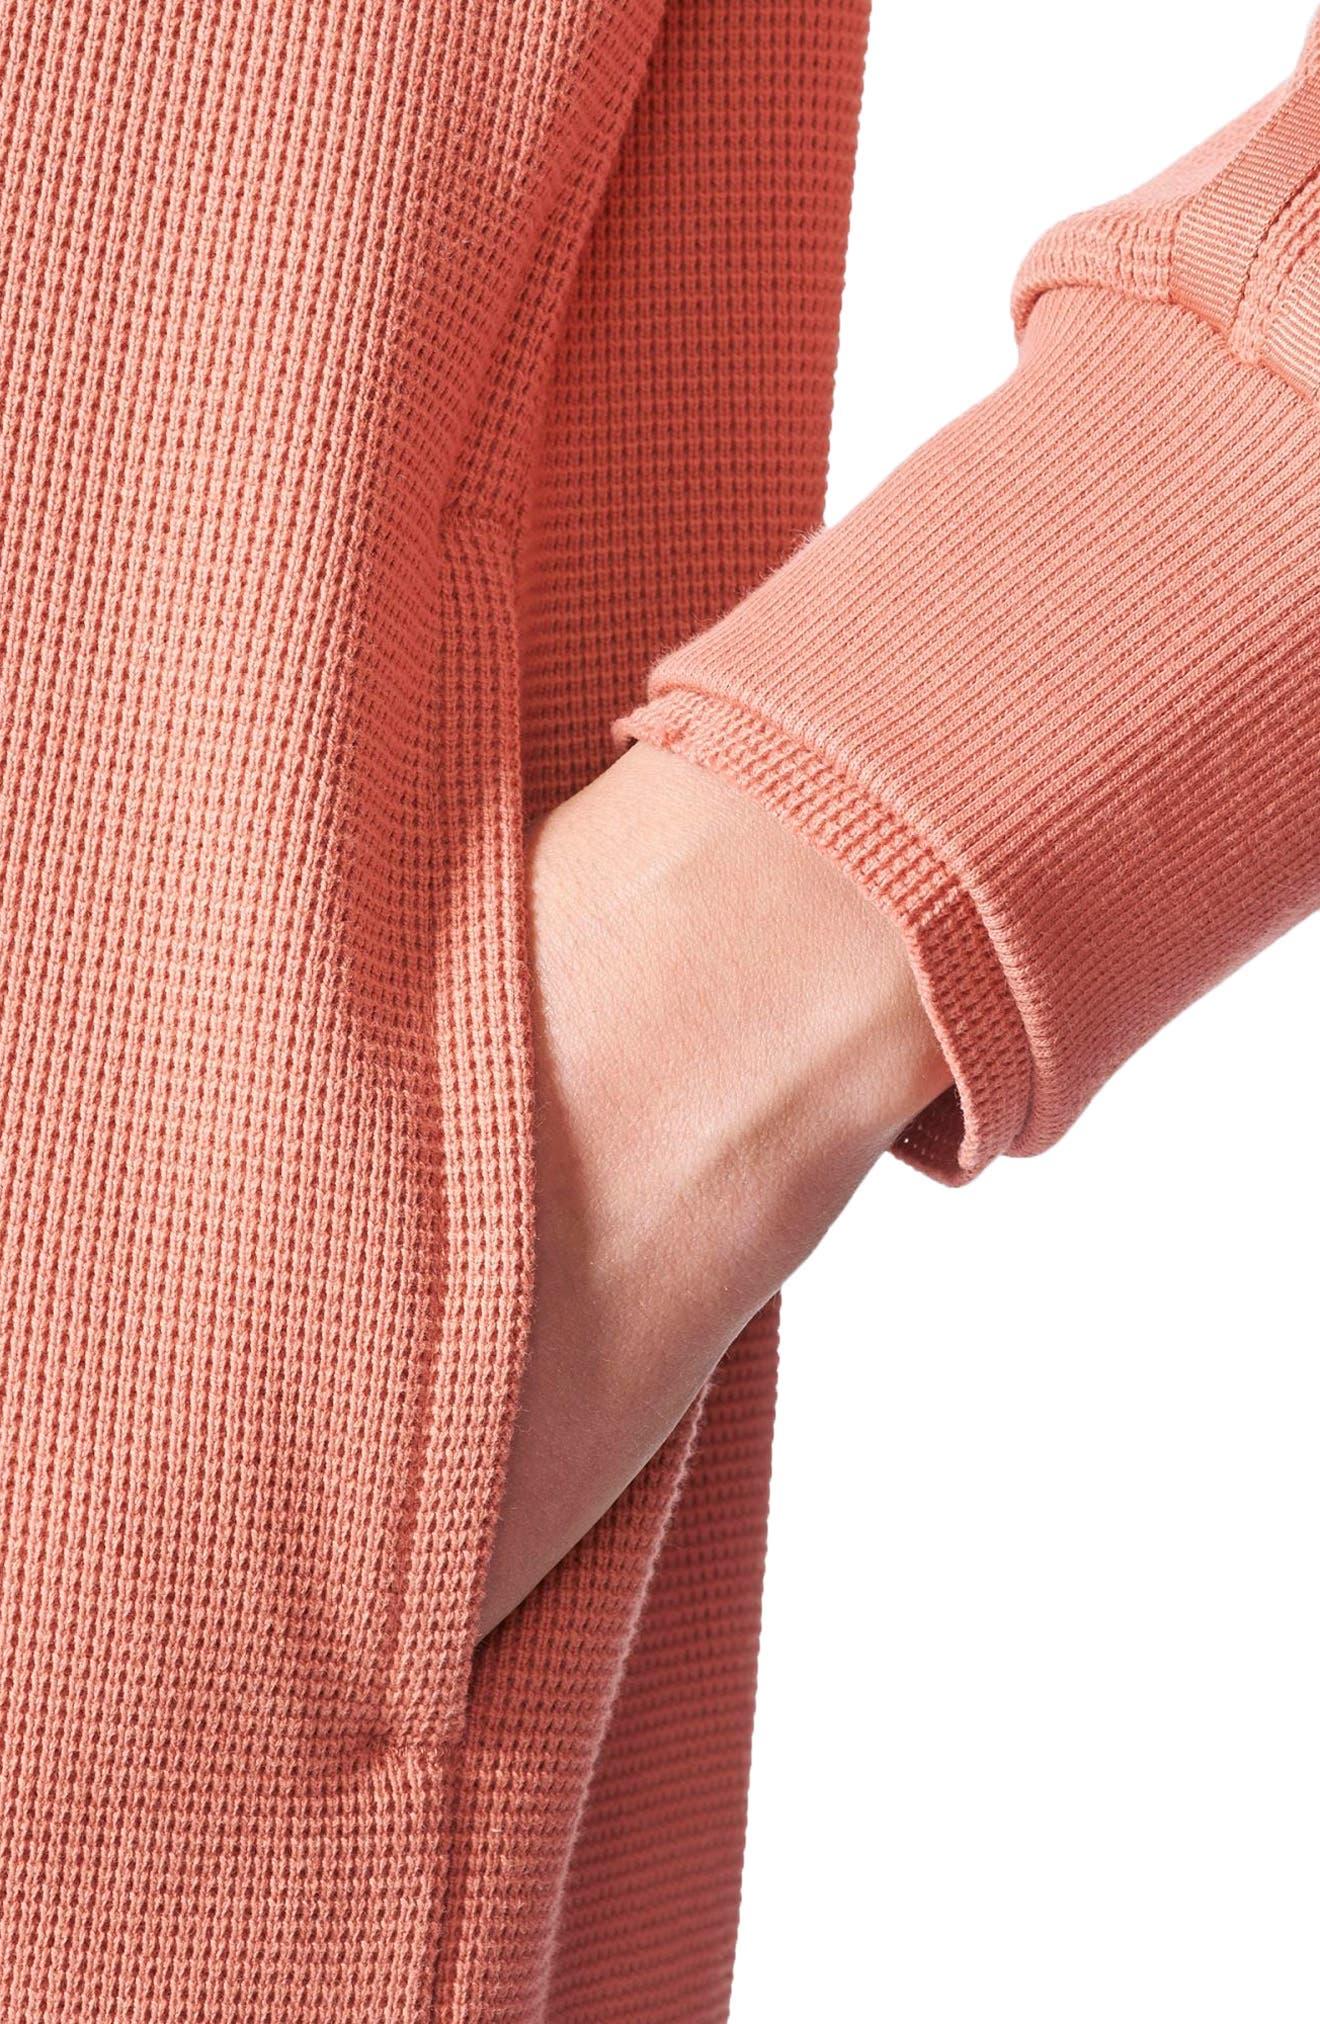 Originals Thermal Sweatshirt,                             Alternate thumbnail 4, color,                             Raw Pink